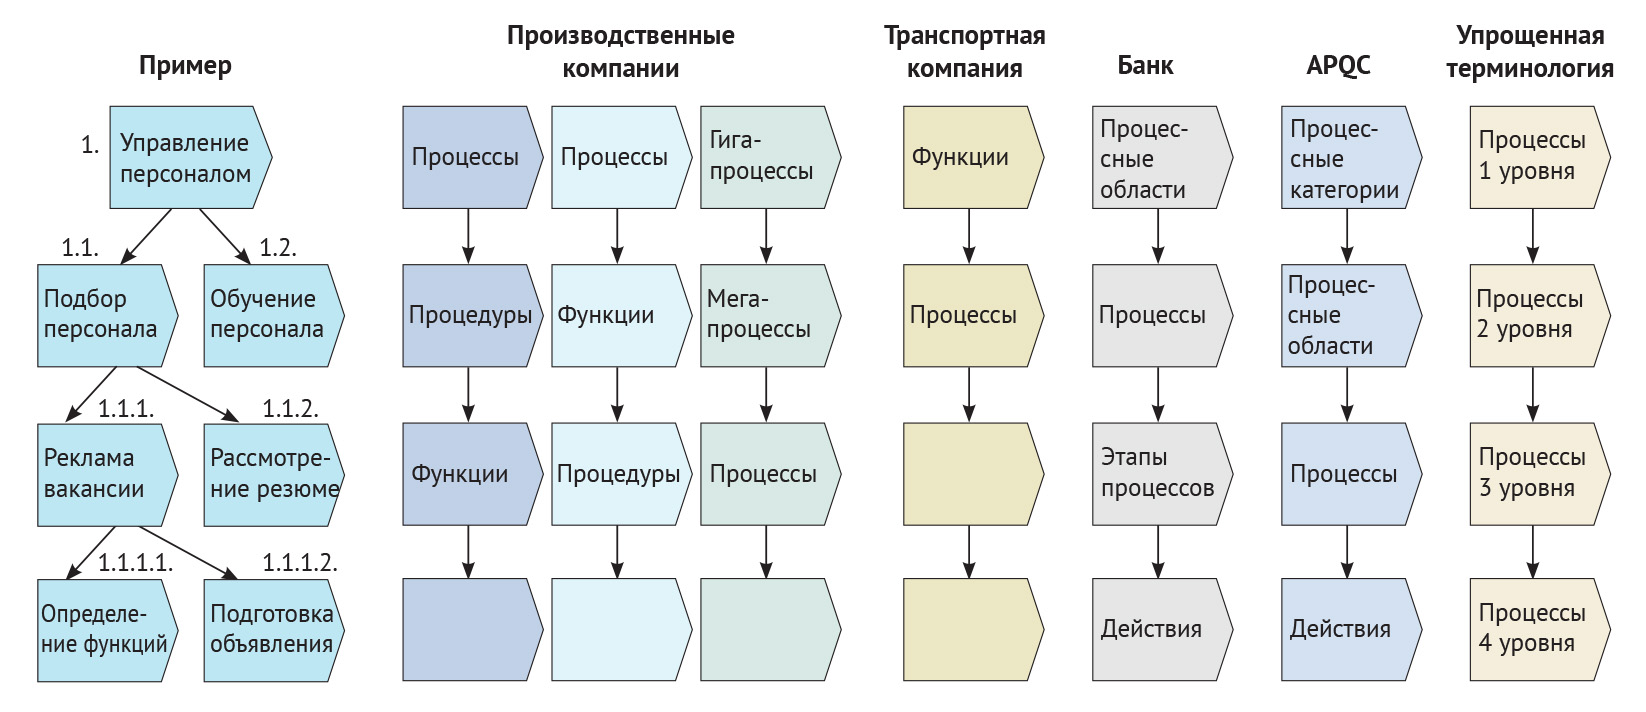 Декомпозиция бизнес-процесса и названия уровней